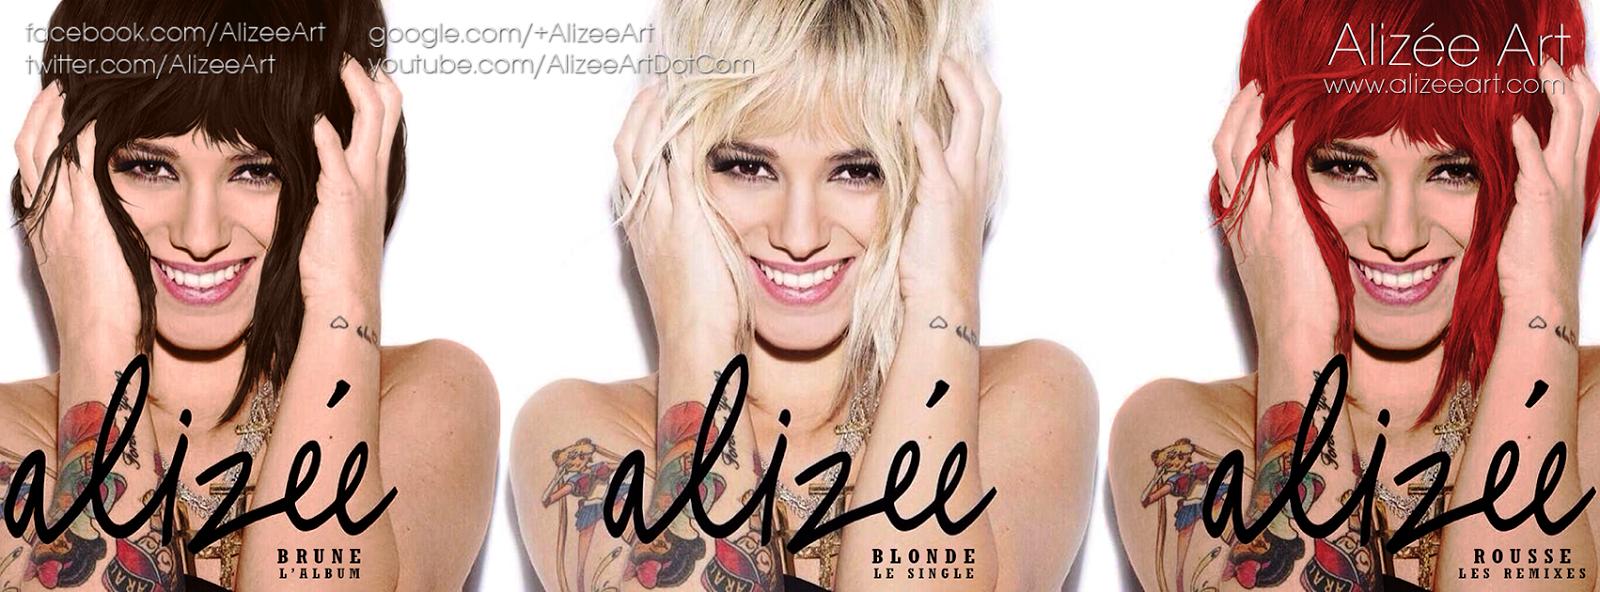 alizee песня: